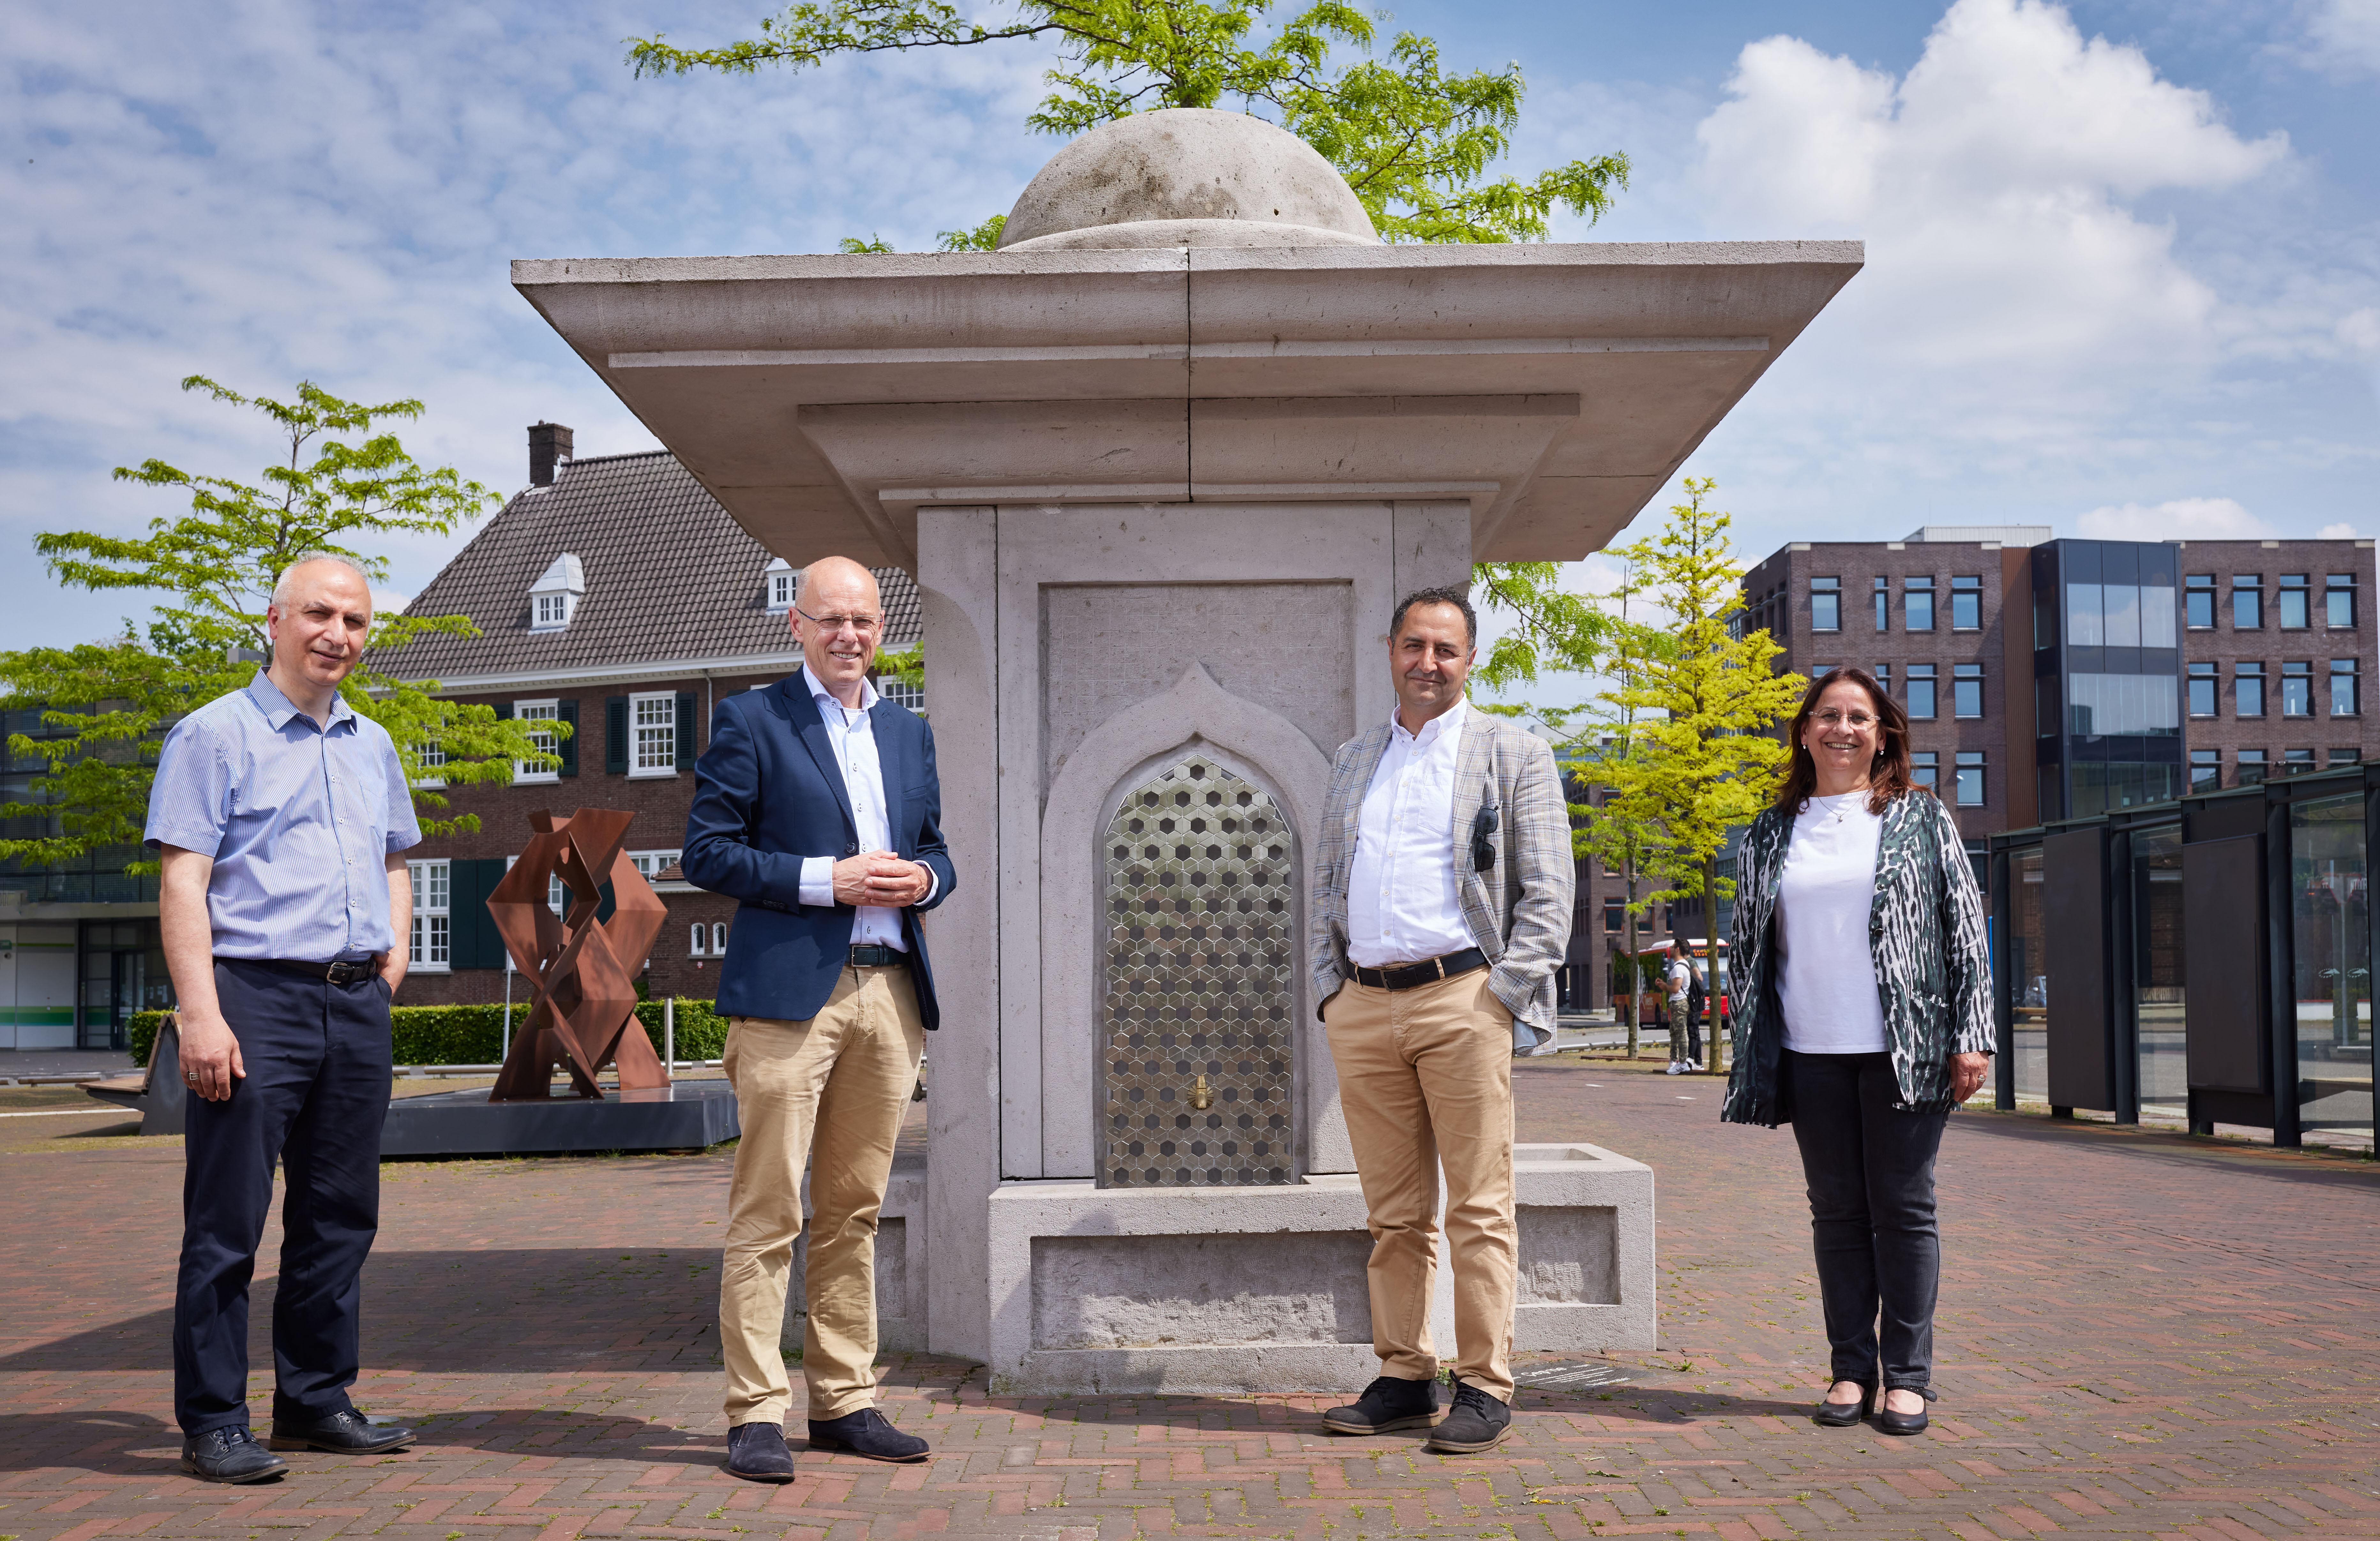 Hollanda'da Osmanlı mimarisi özelliklerini taşıyan çeşme mimarisiyle örnek gösterildi